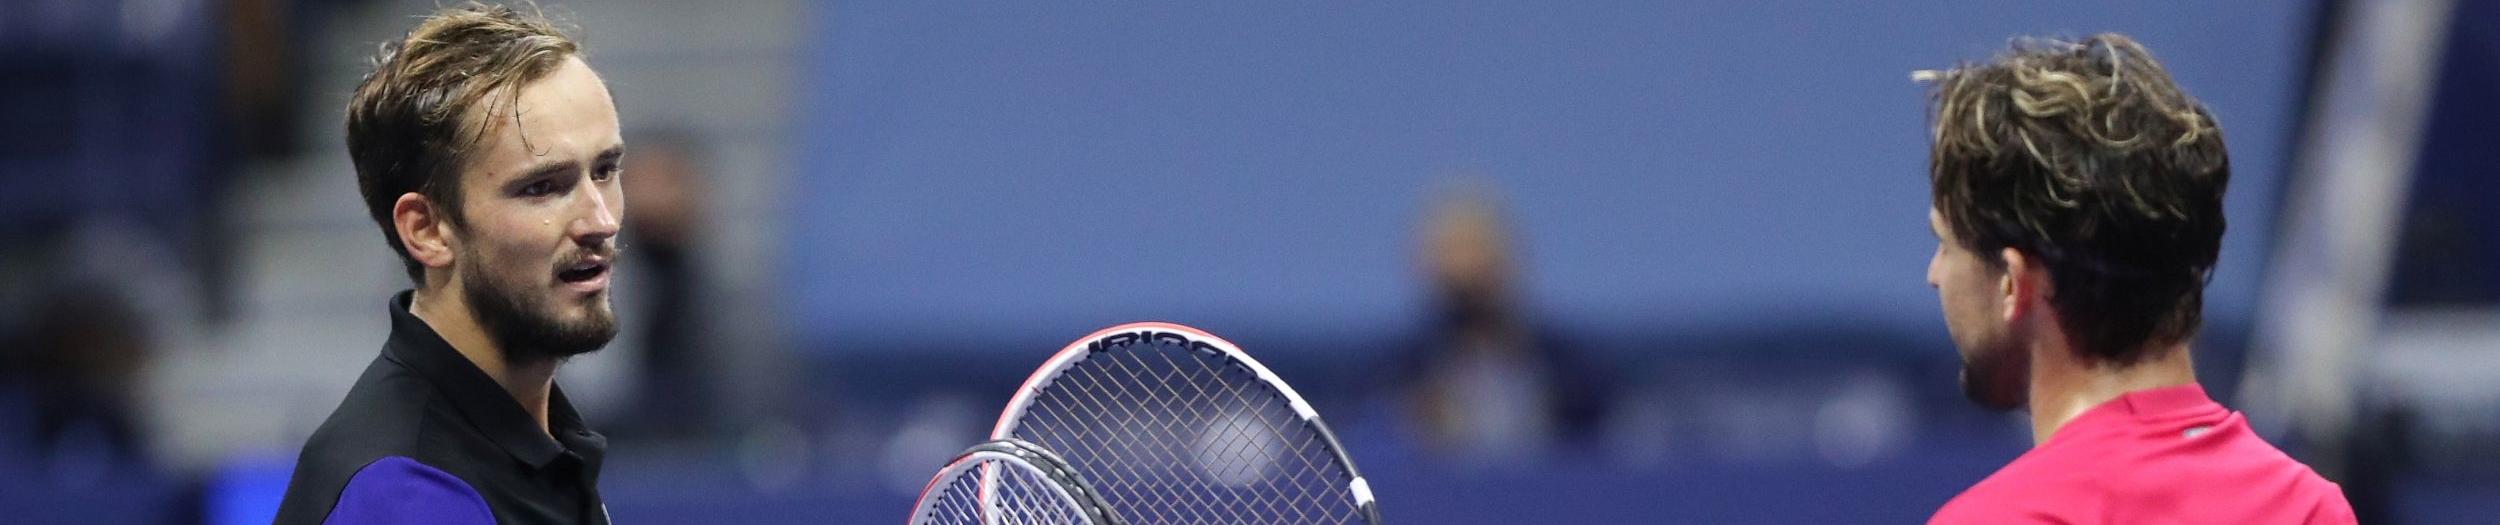 ATP Finals: quote e consigli per la finale Medvedev-Thiem